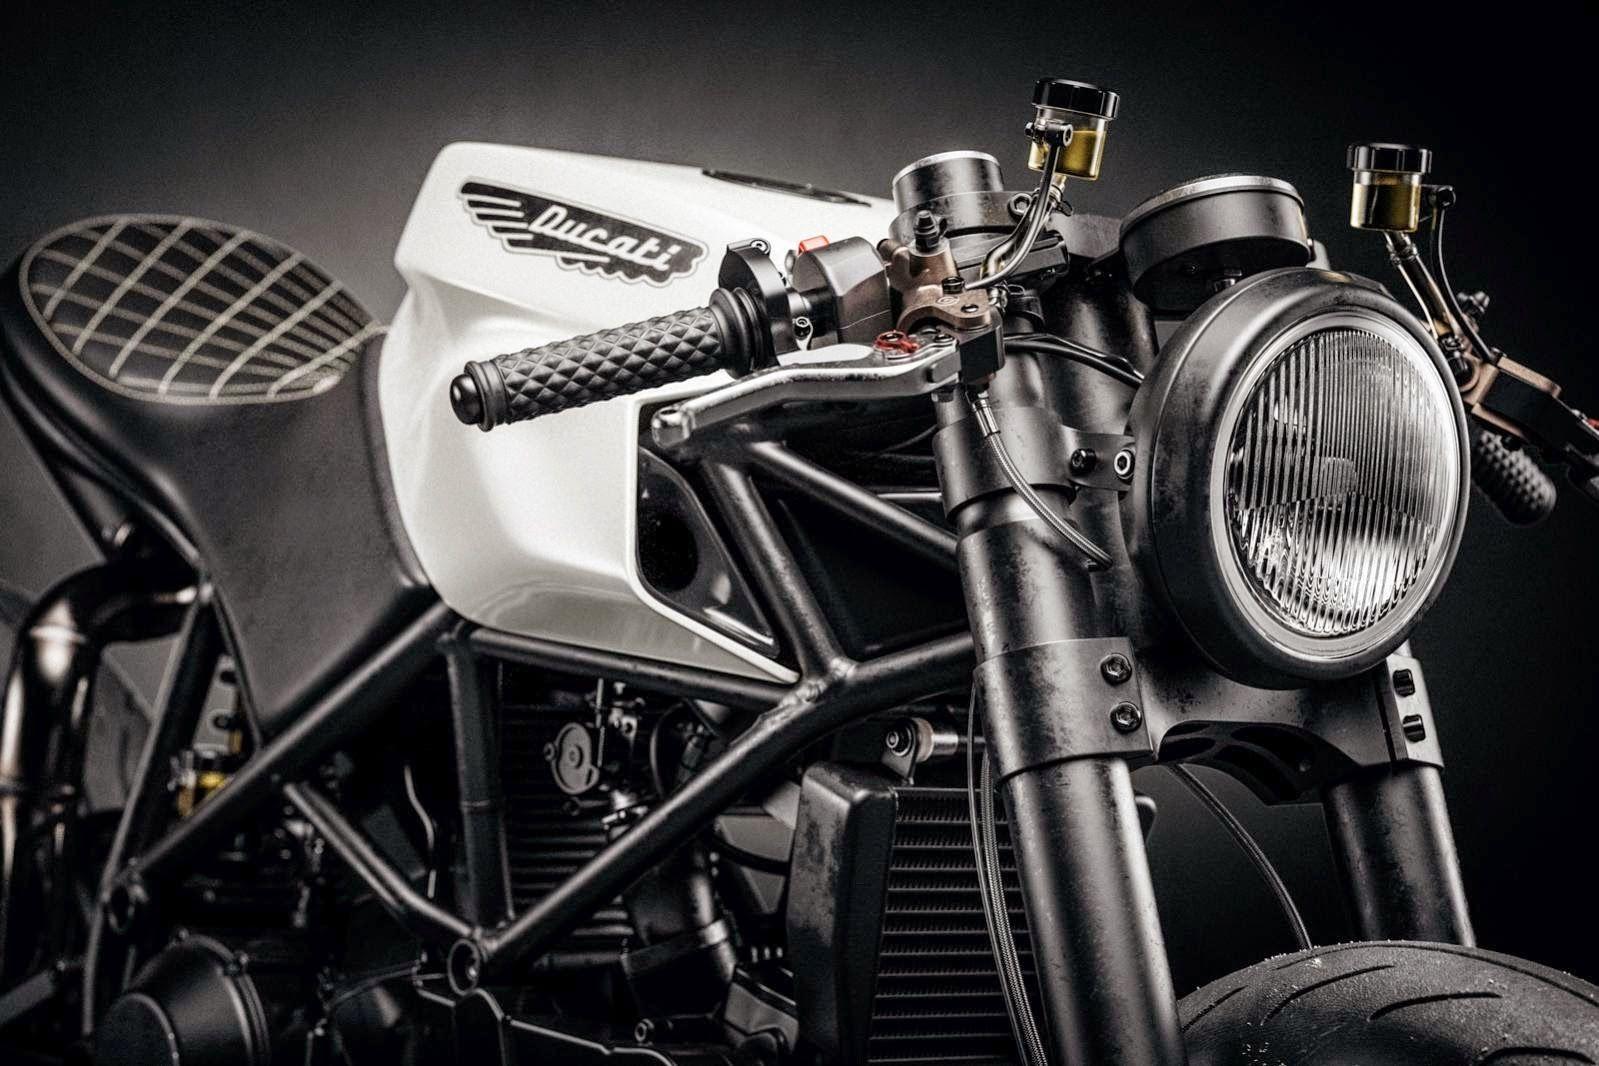 Ducati Custom Cafe Fighter